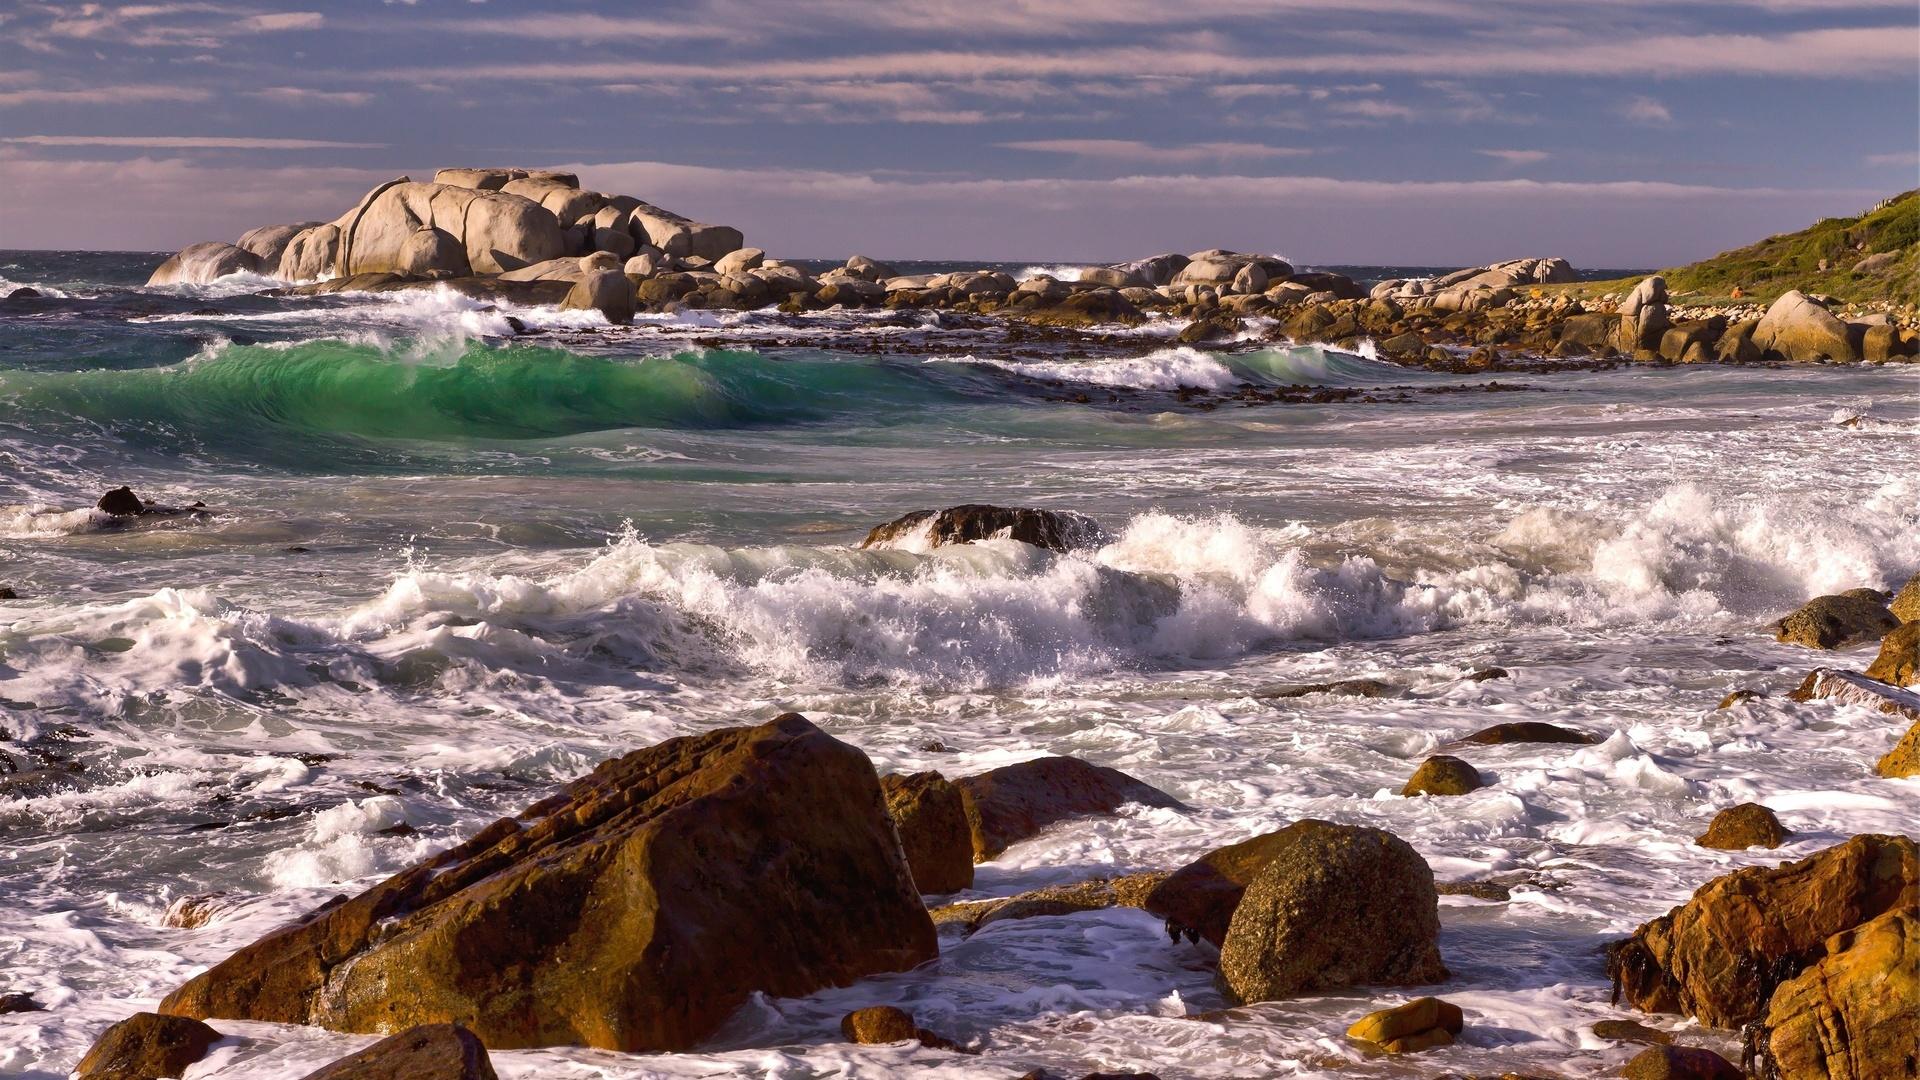 скалы, камни, море, волны, пена, берег